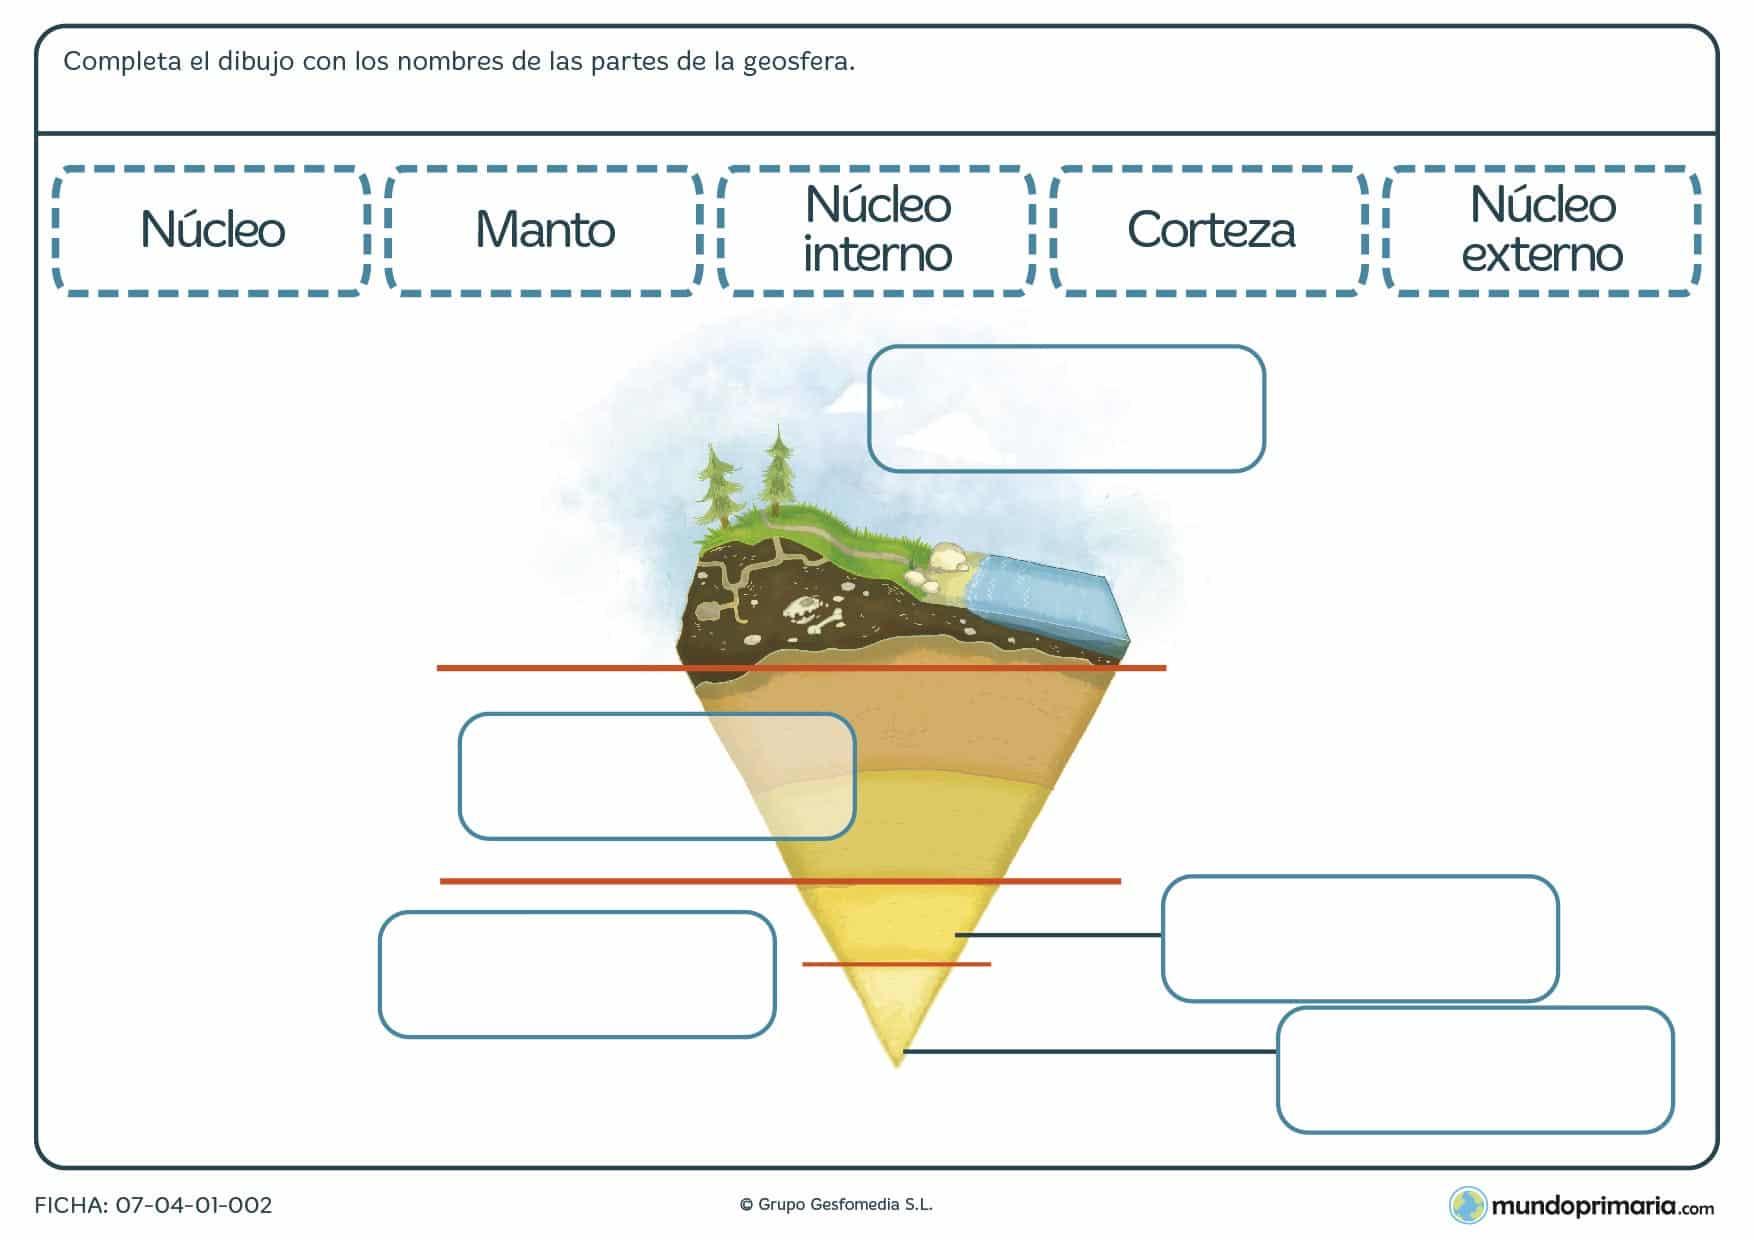 Ficha de partes de la geoesfera en la que deberás ordenar las partes que la comprenden en las casillas en blanco.